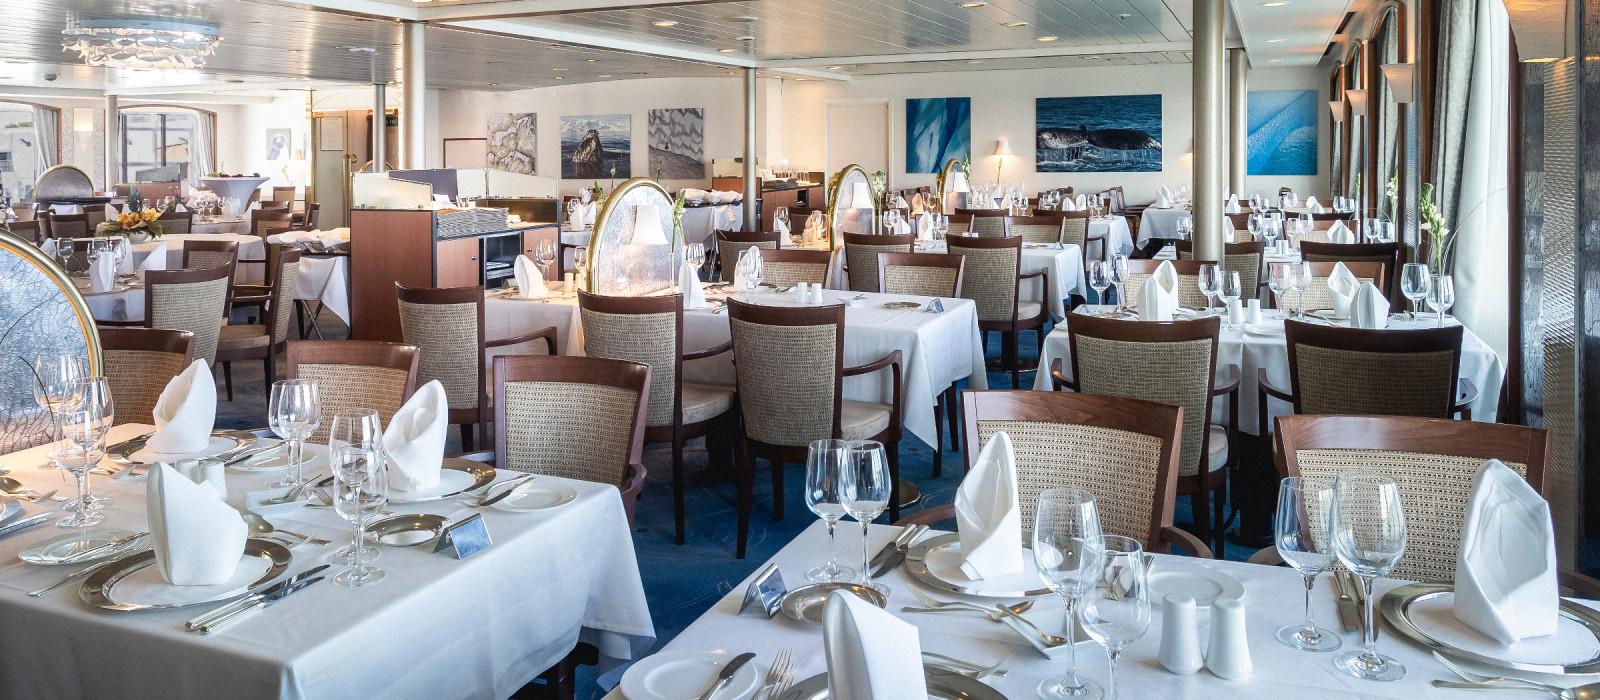 Hotel Seaventure by Polar Latitudes Antarctica